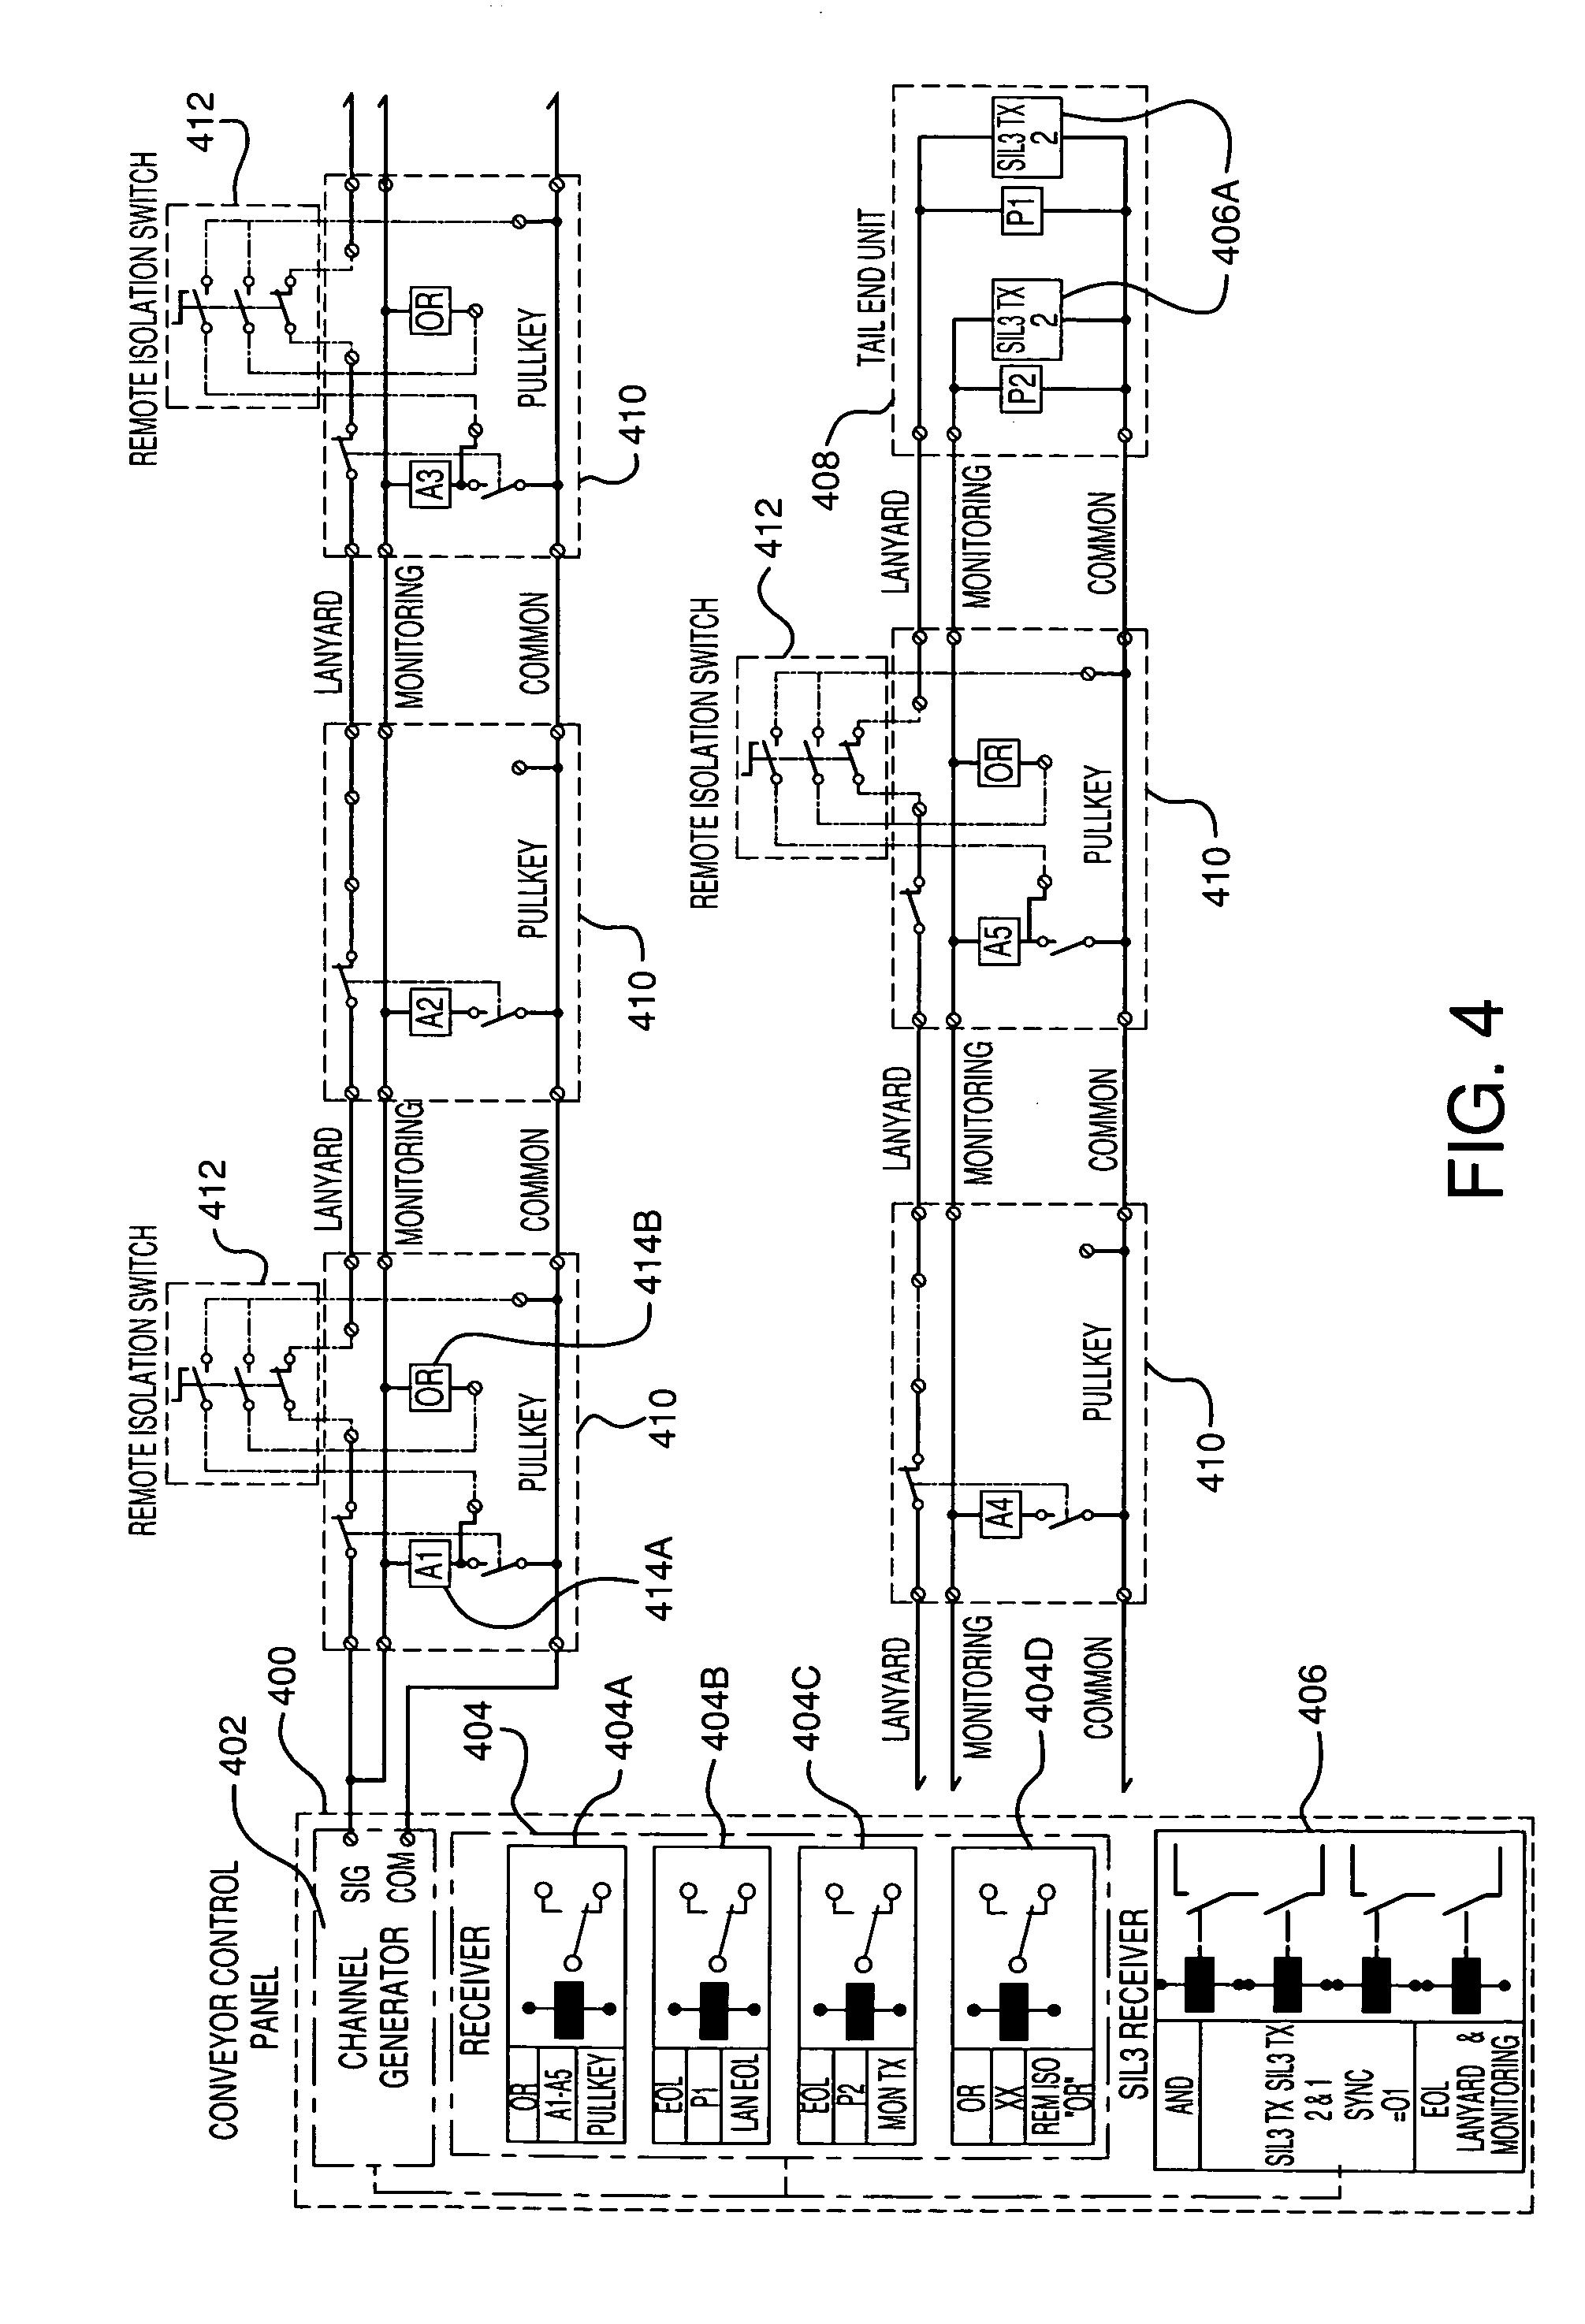 patent us7793774